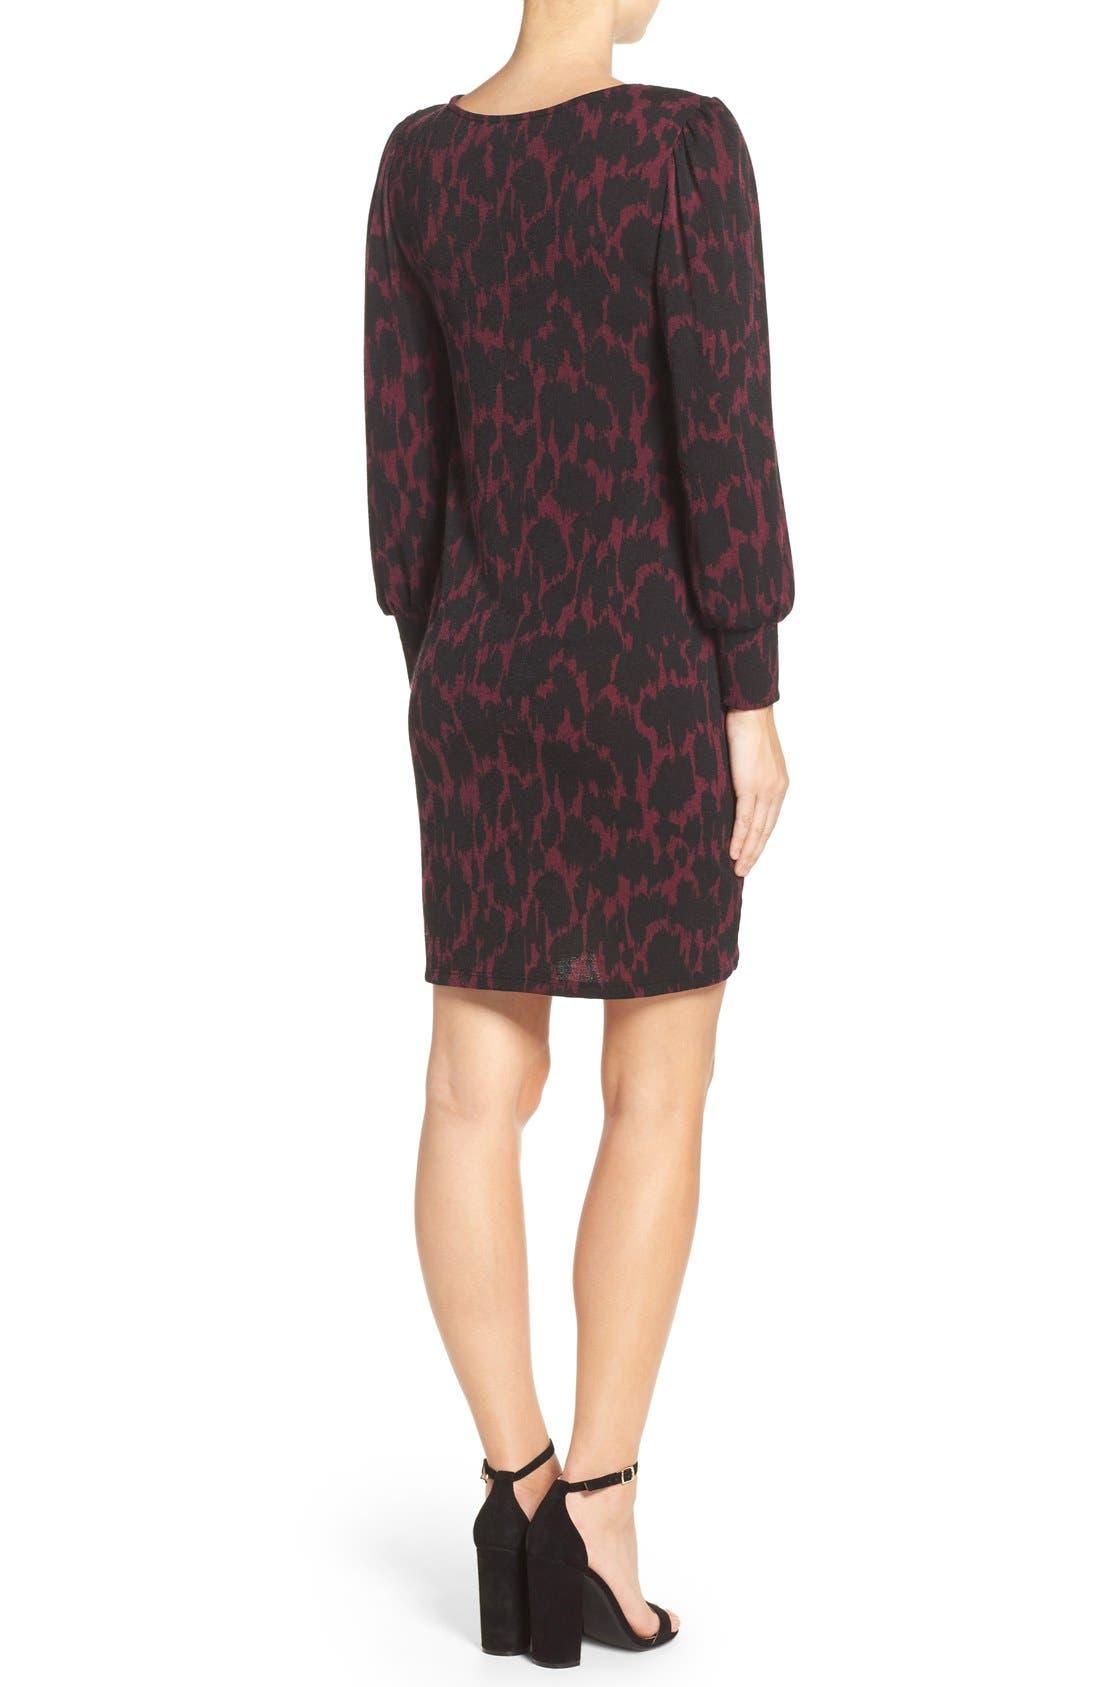 LEOTA,                             'Kate' Static Print Jersey Shift Dress,                             Alternate thumbnail 5, color,                             006